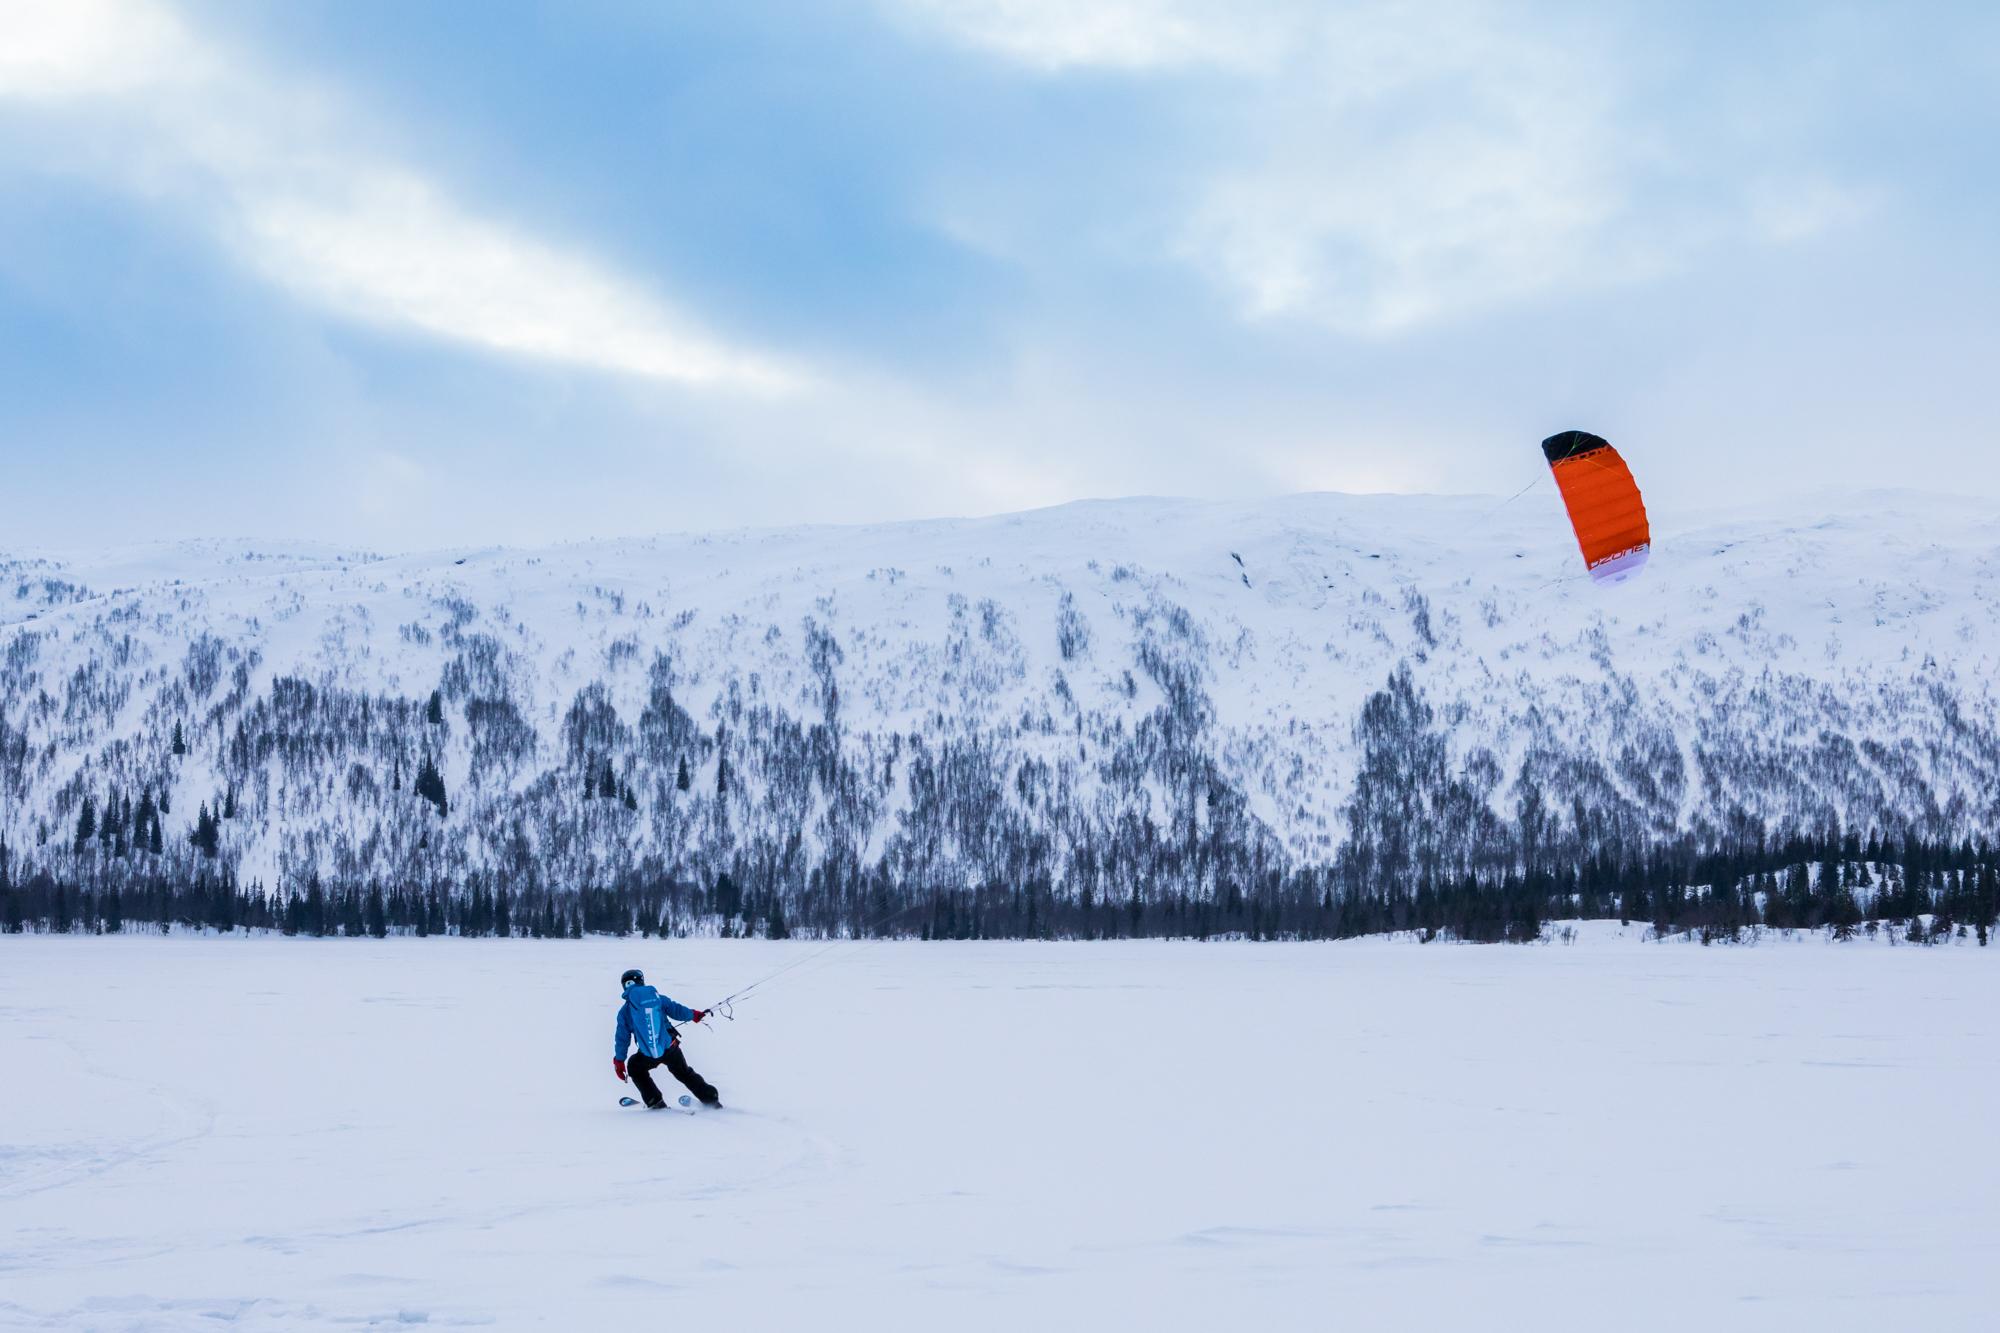 Kurs i Snøkiting - Tundra Tours